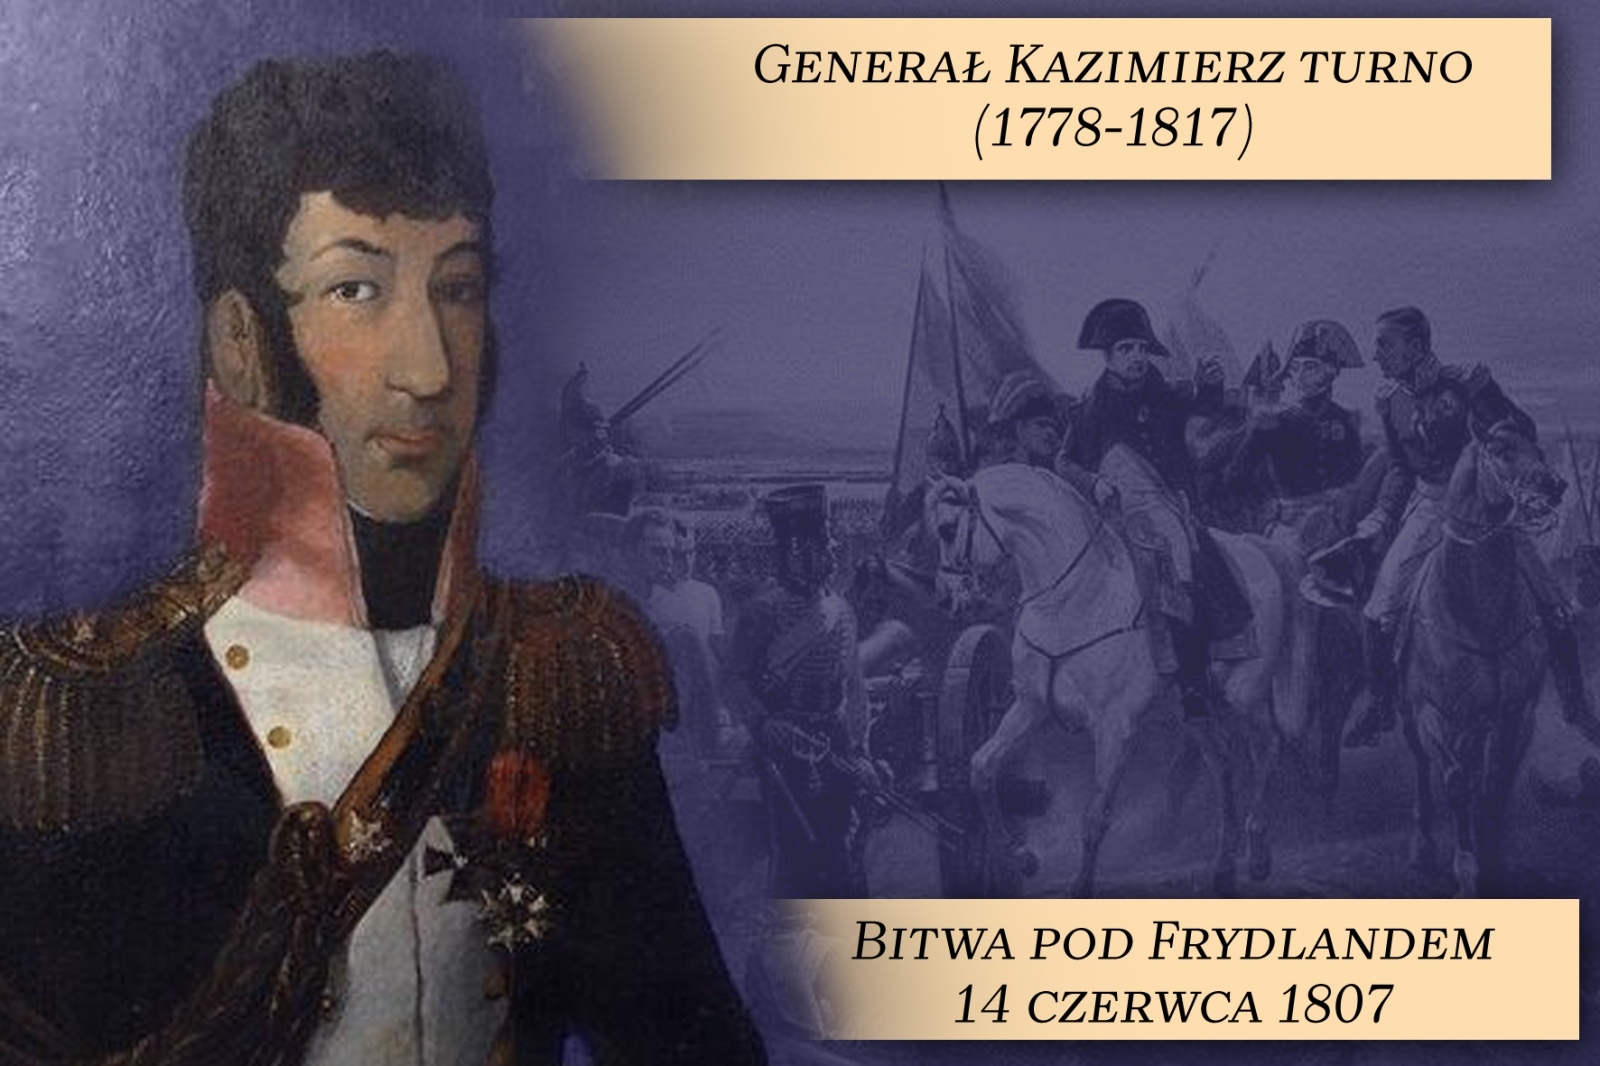 14 CZERWCA 1807 ROKU - BITWA POD FRYDLANDEM